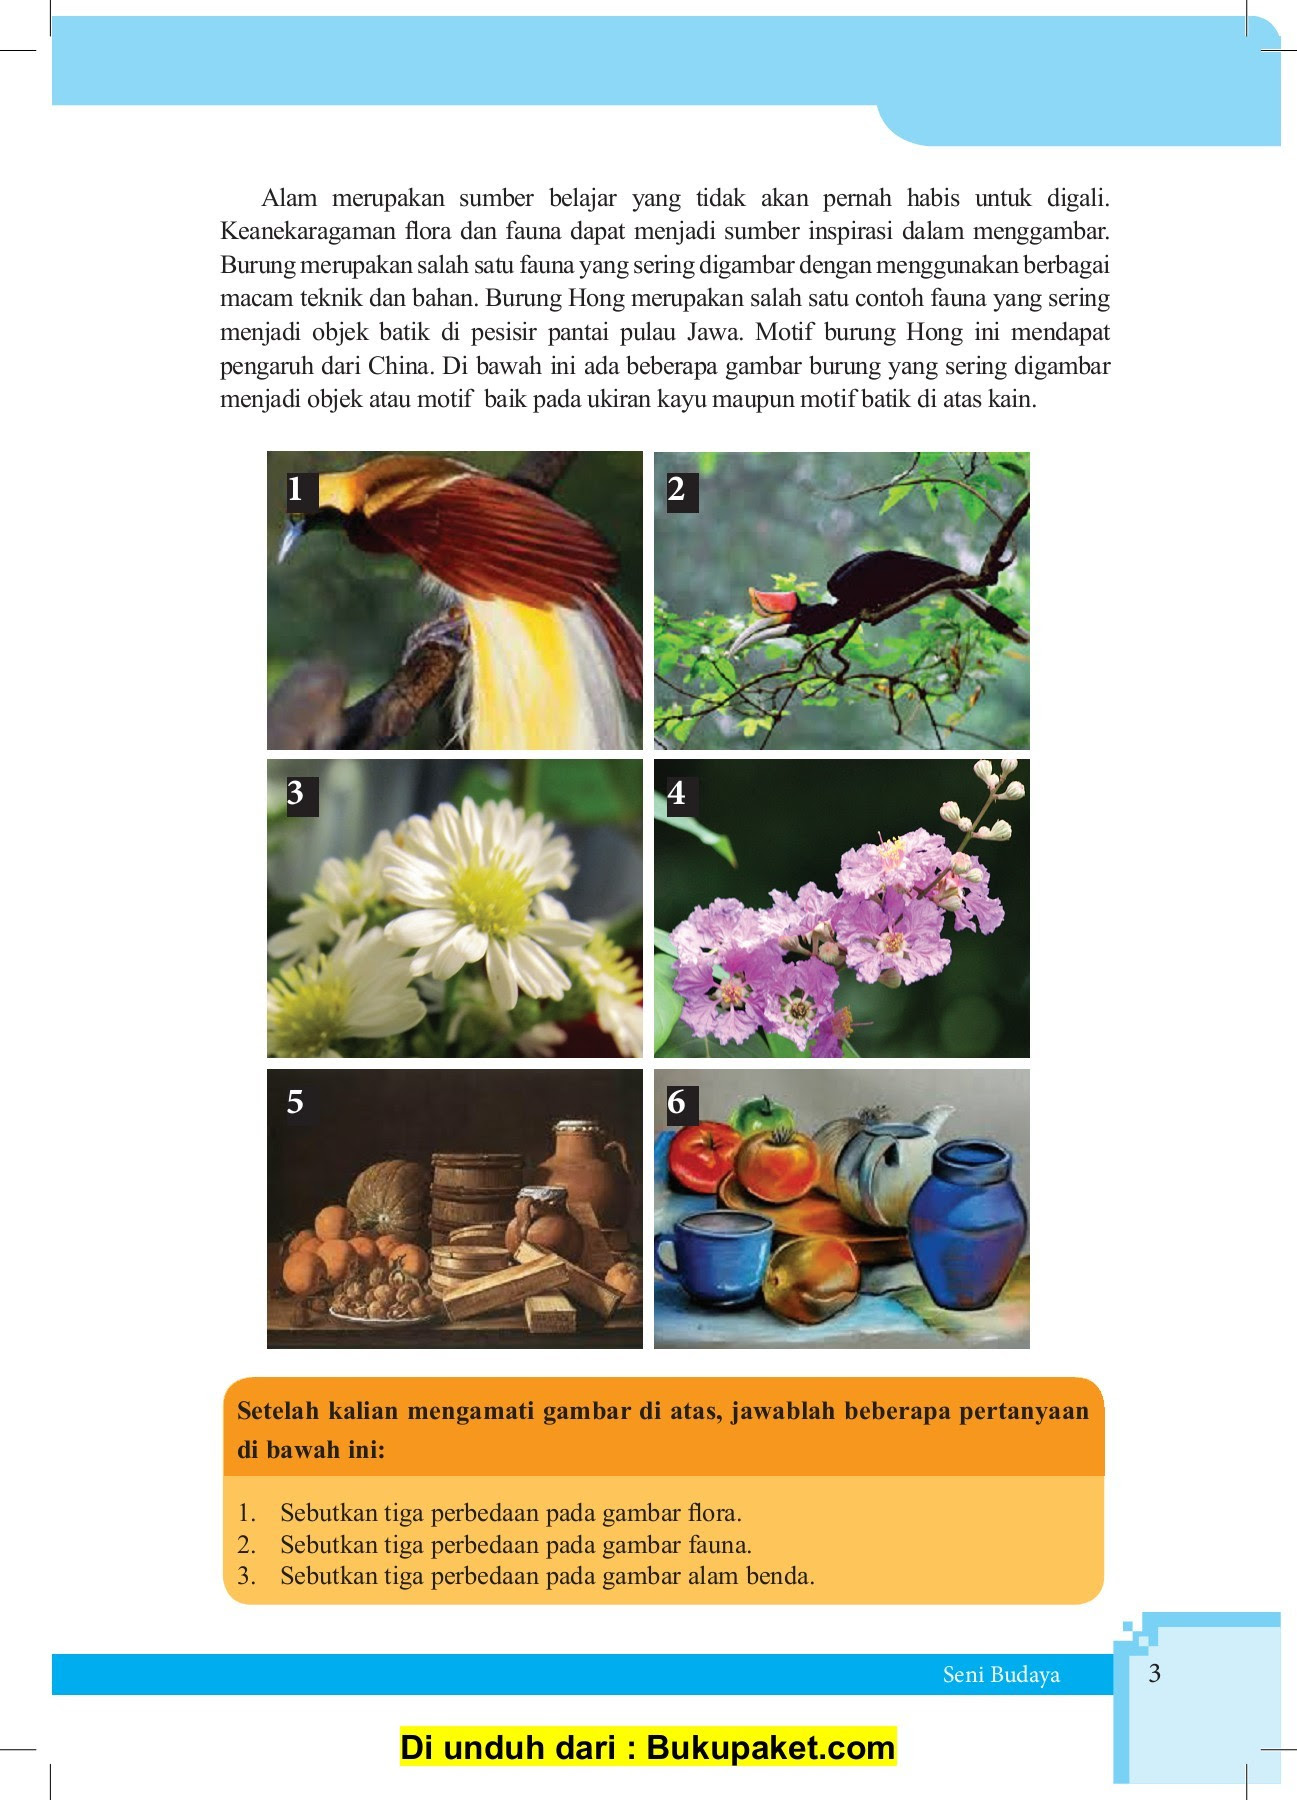 73 Gambar Pemandangan Flora Fauna Dan Alam Benda Terbaik